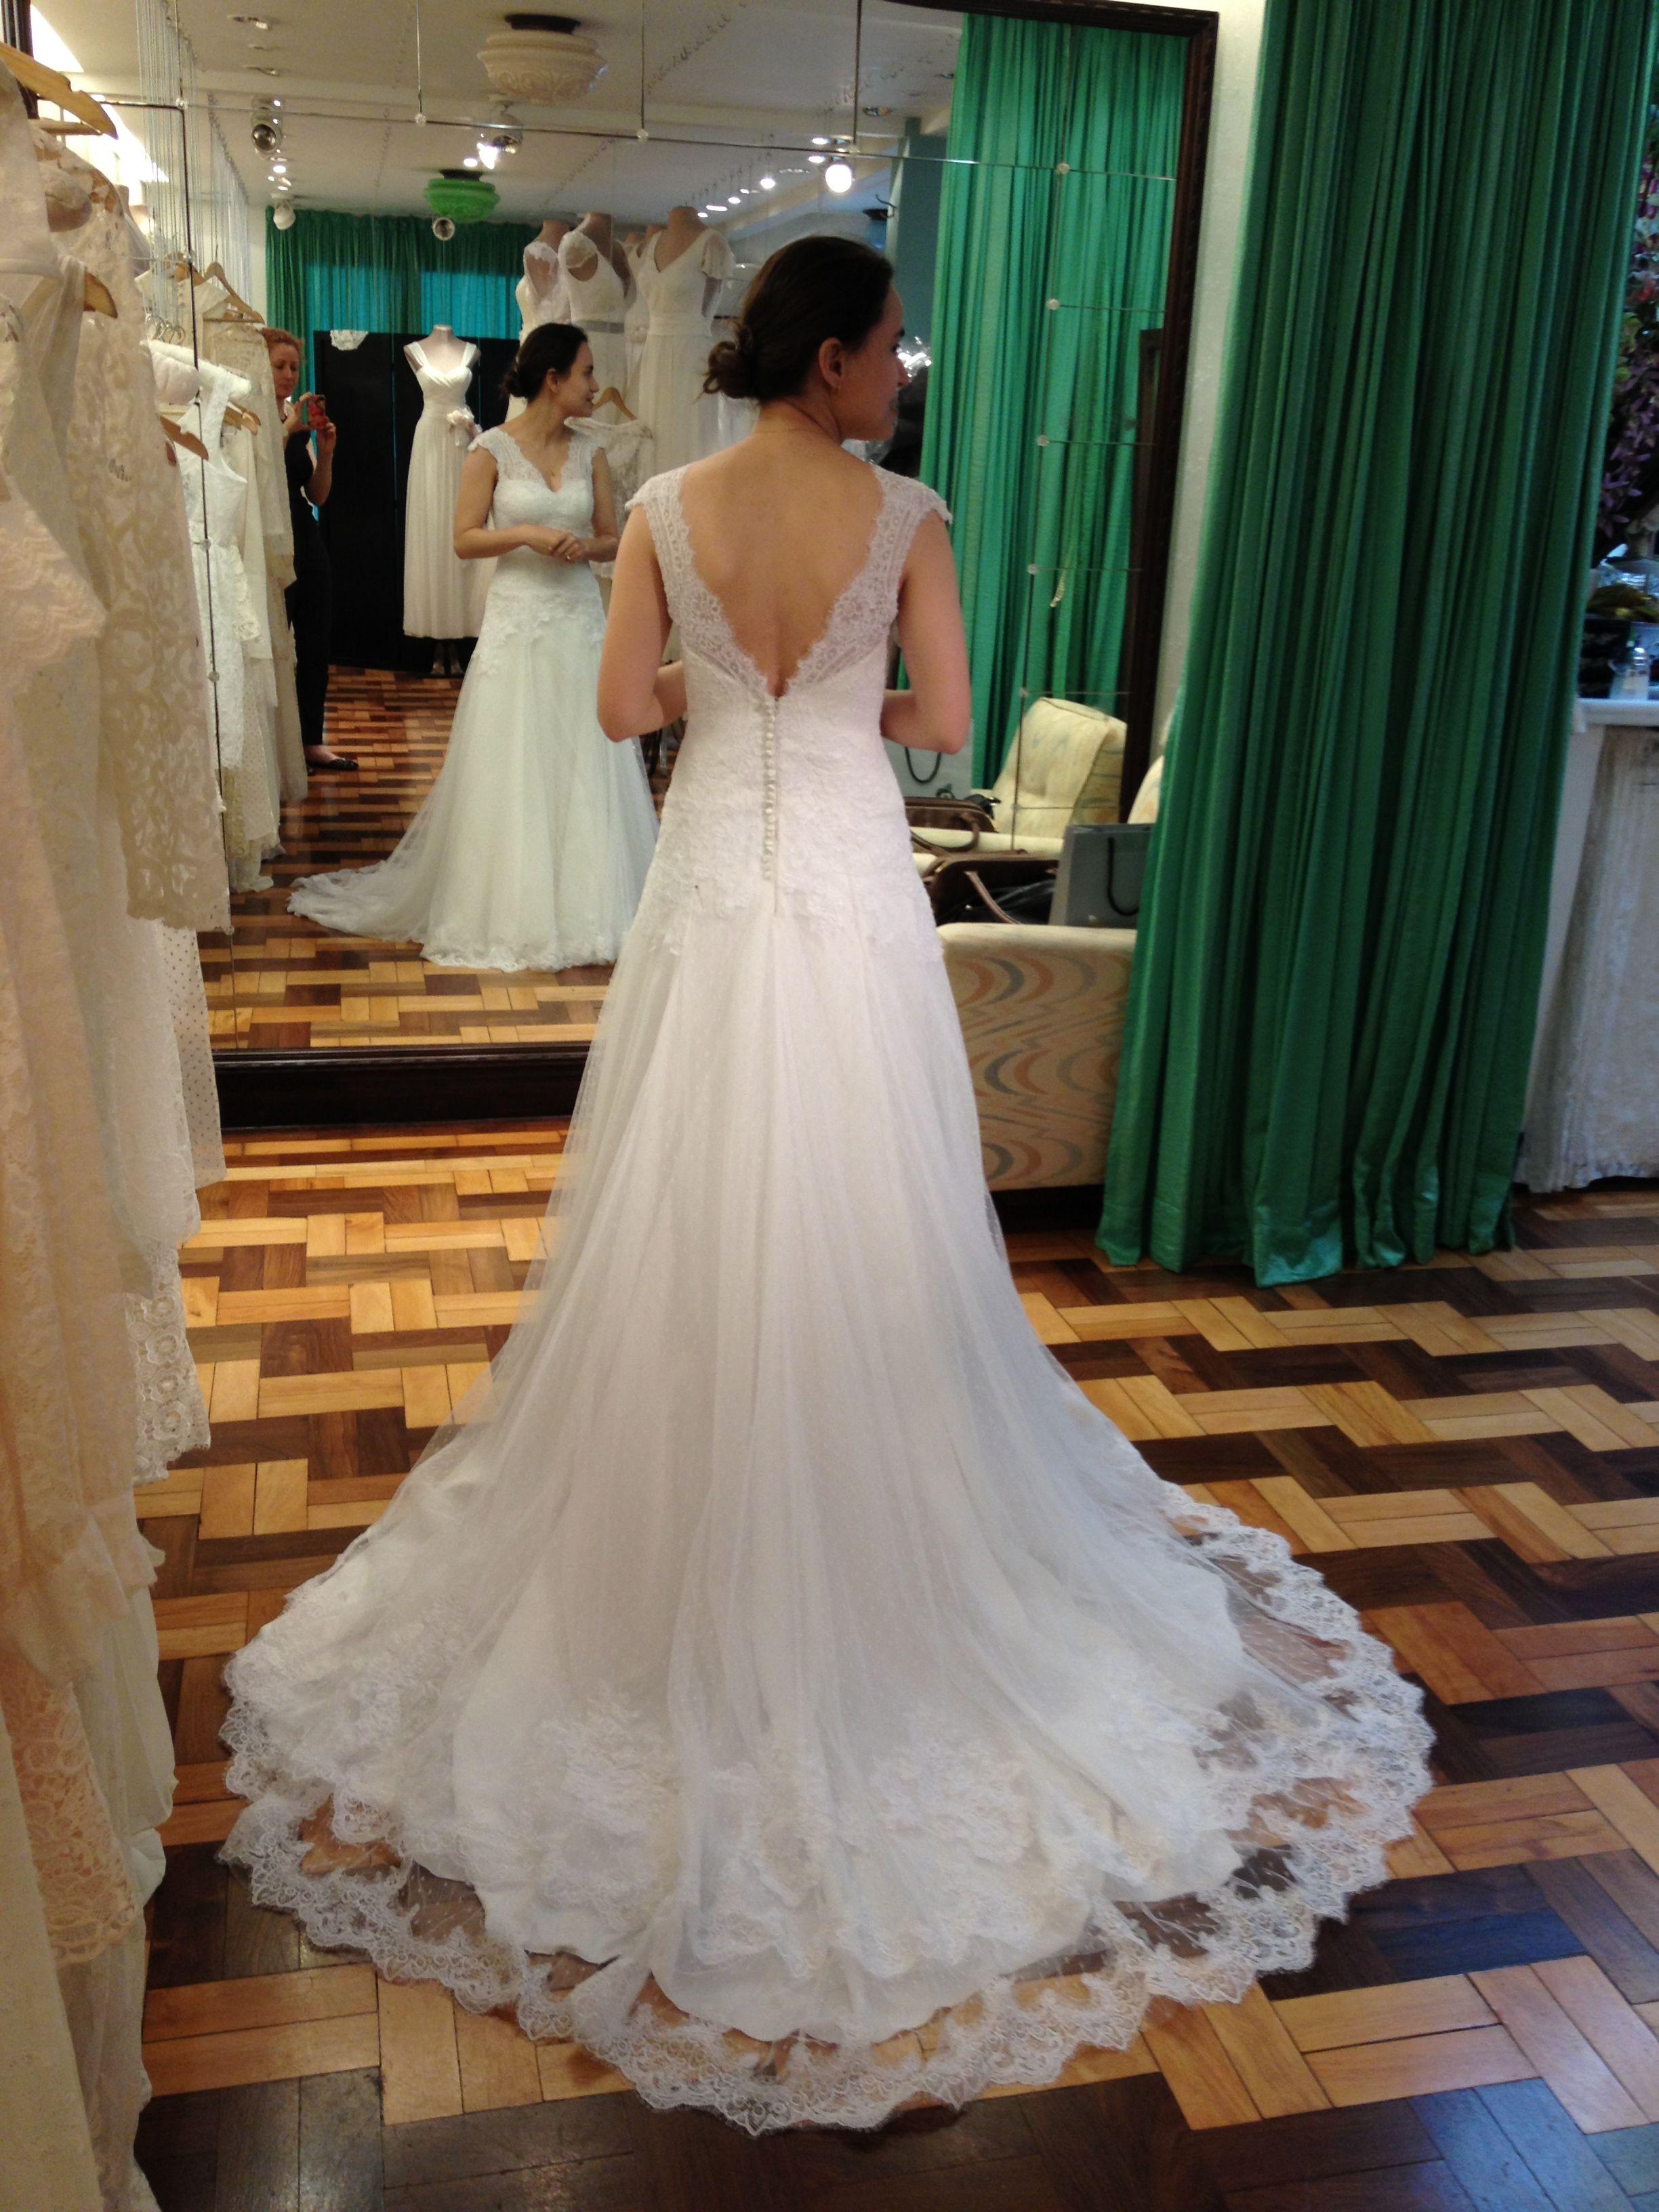 Custom made wedding dress  Wedding dress fittings provas do vestido de noiva e acessórios uc